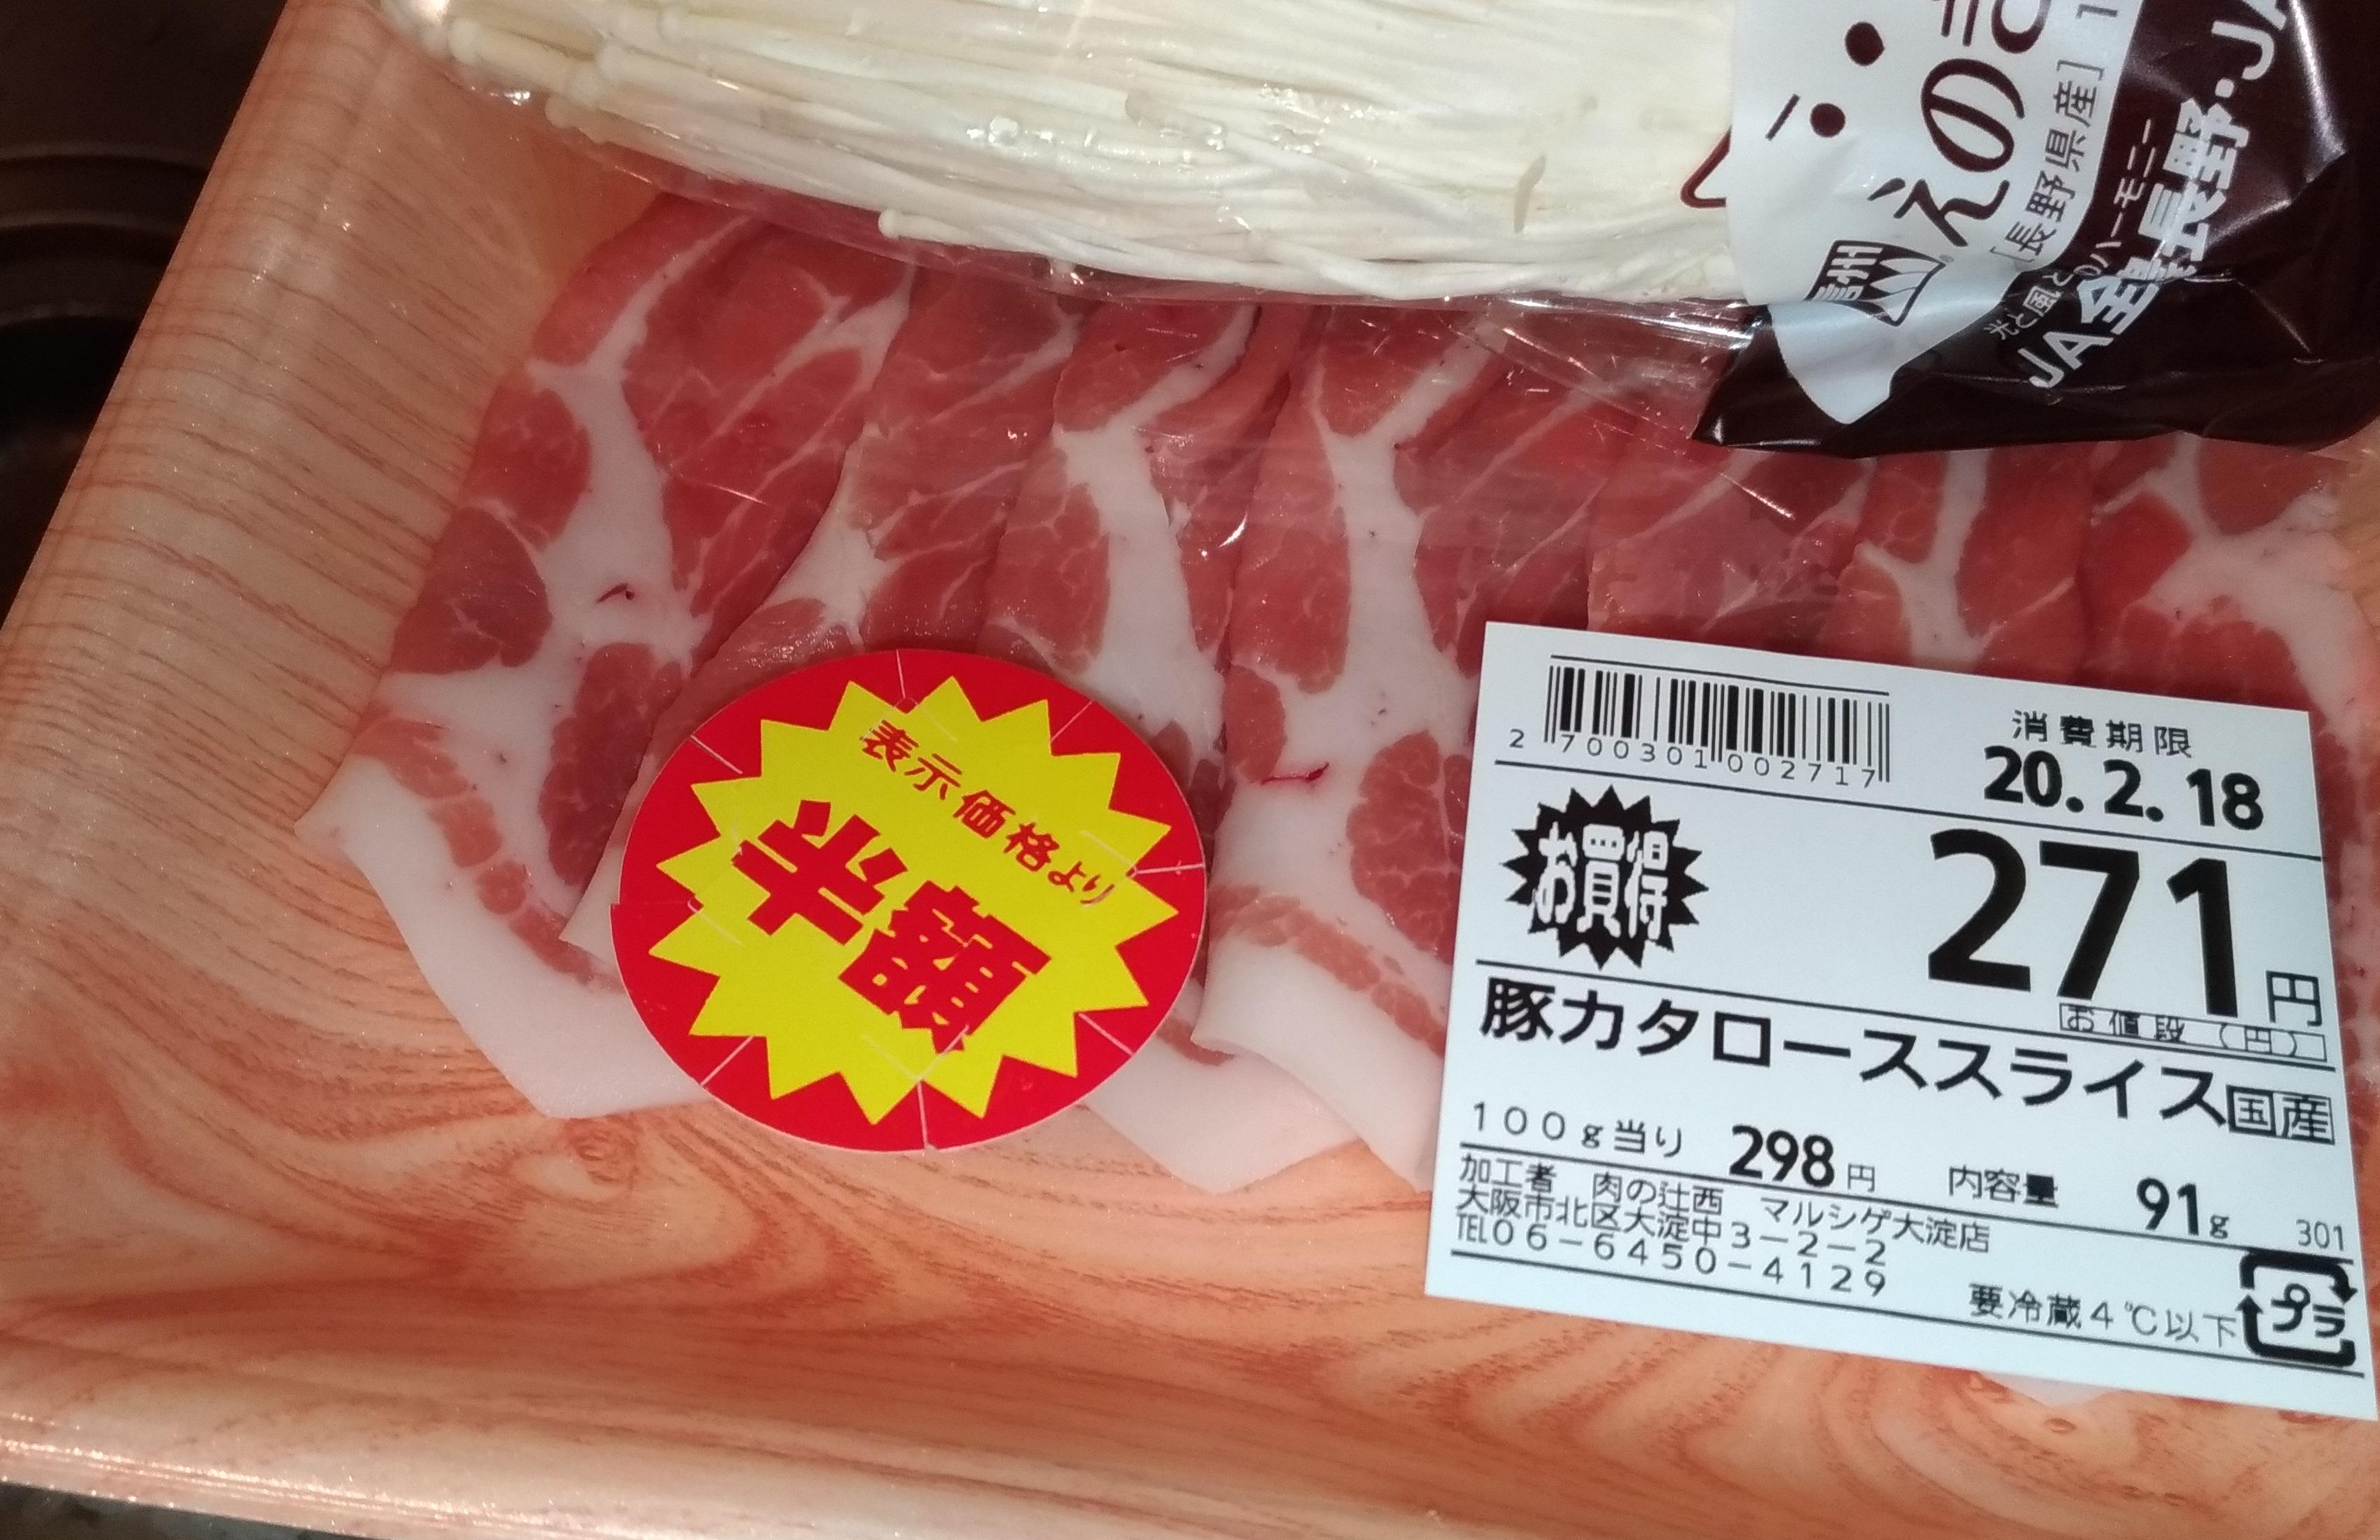 osaka_super_harf_marushige_hangaku_.jpg